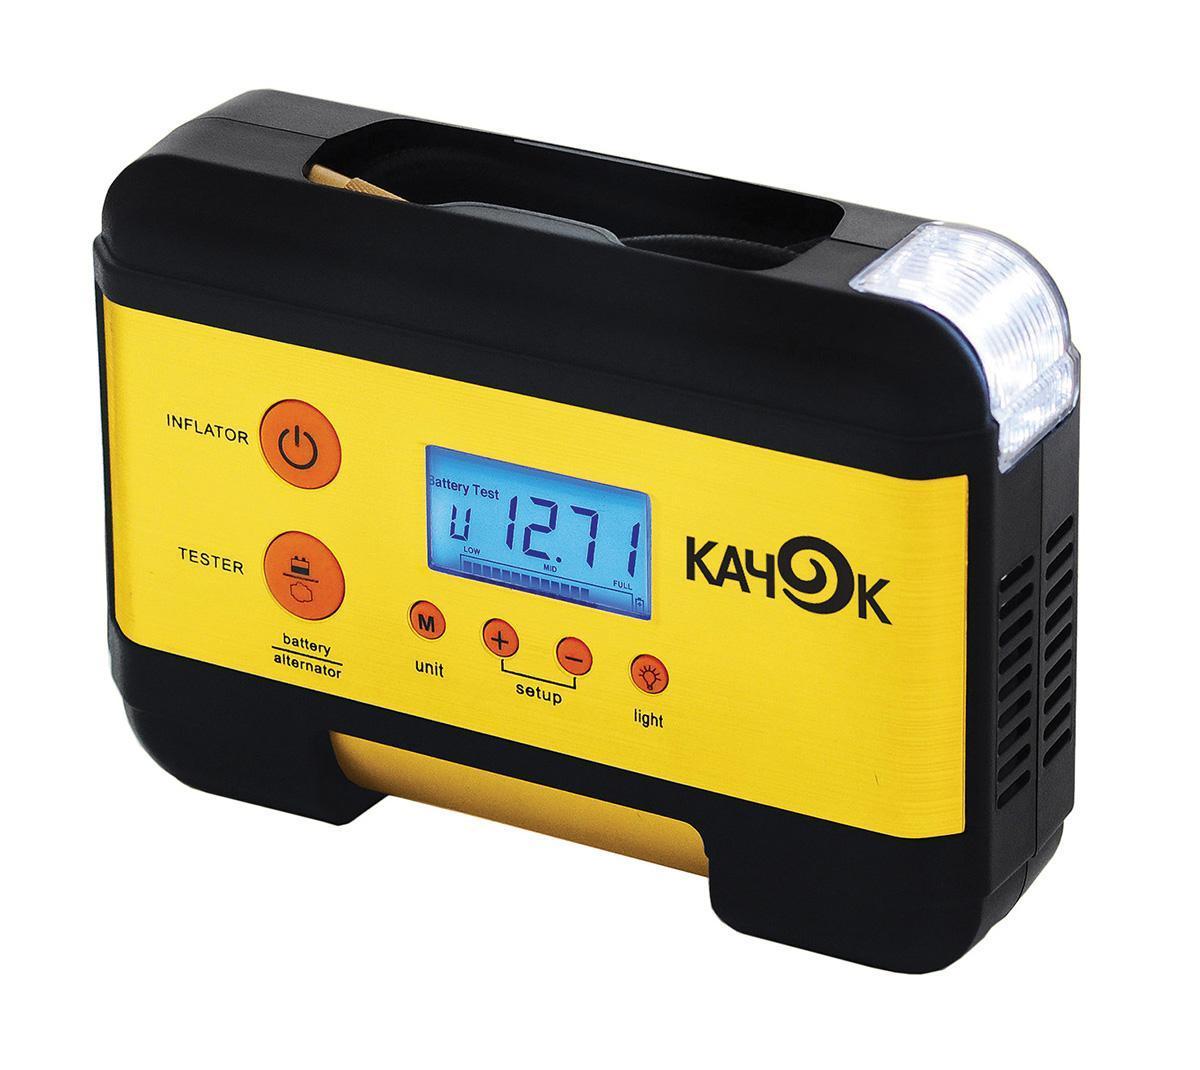 Компрессор автомобильныйКАЧОК K60K60Технические характеристики компрессора автомобильного Качок К 60Напряжение 12 В Допустимое напряжение: 10-13,5 В Максимальный ток потребления: 12 А Максимальное давление: 7 Атм. (кг/см2) Время непрерывной работы: не более 20 мин. Производительность: 35 л/мин. Рабочая температура: -30°С +40°С Тип мотора: Двигатель постоянного тока, коллекторного типа Размер устройства: 210х150х65 мм. Навинчивающаяся насадка на ниппель колеса Подключение в гнездо прикуривателя Насадки-штуцеры для надувных изделий 3шт. Яркий светодиодный фонарь - 2 режима работы Многофункциональный ЖК-дисплей Цифровой электронный манометр - 2 шкалы измерения Инструкция по эксплуатации Комплект поставки: Компрессор Качок К 60 Набор переходных штуцеров для надувных изделий - 3 шт. Инструкция по эксплуатации Упаковочная коробка Материал: металл, пластик; цвет: желтый Материал: металл, пластик; цвет: желтый